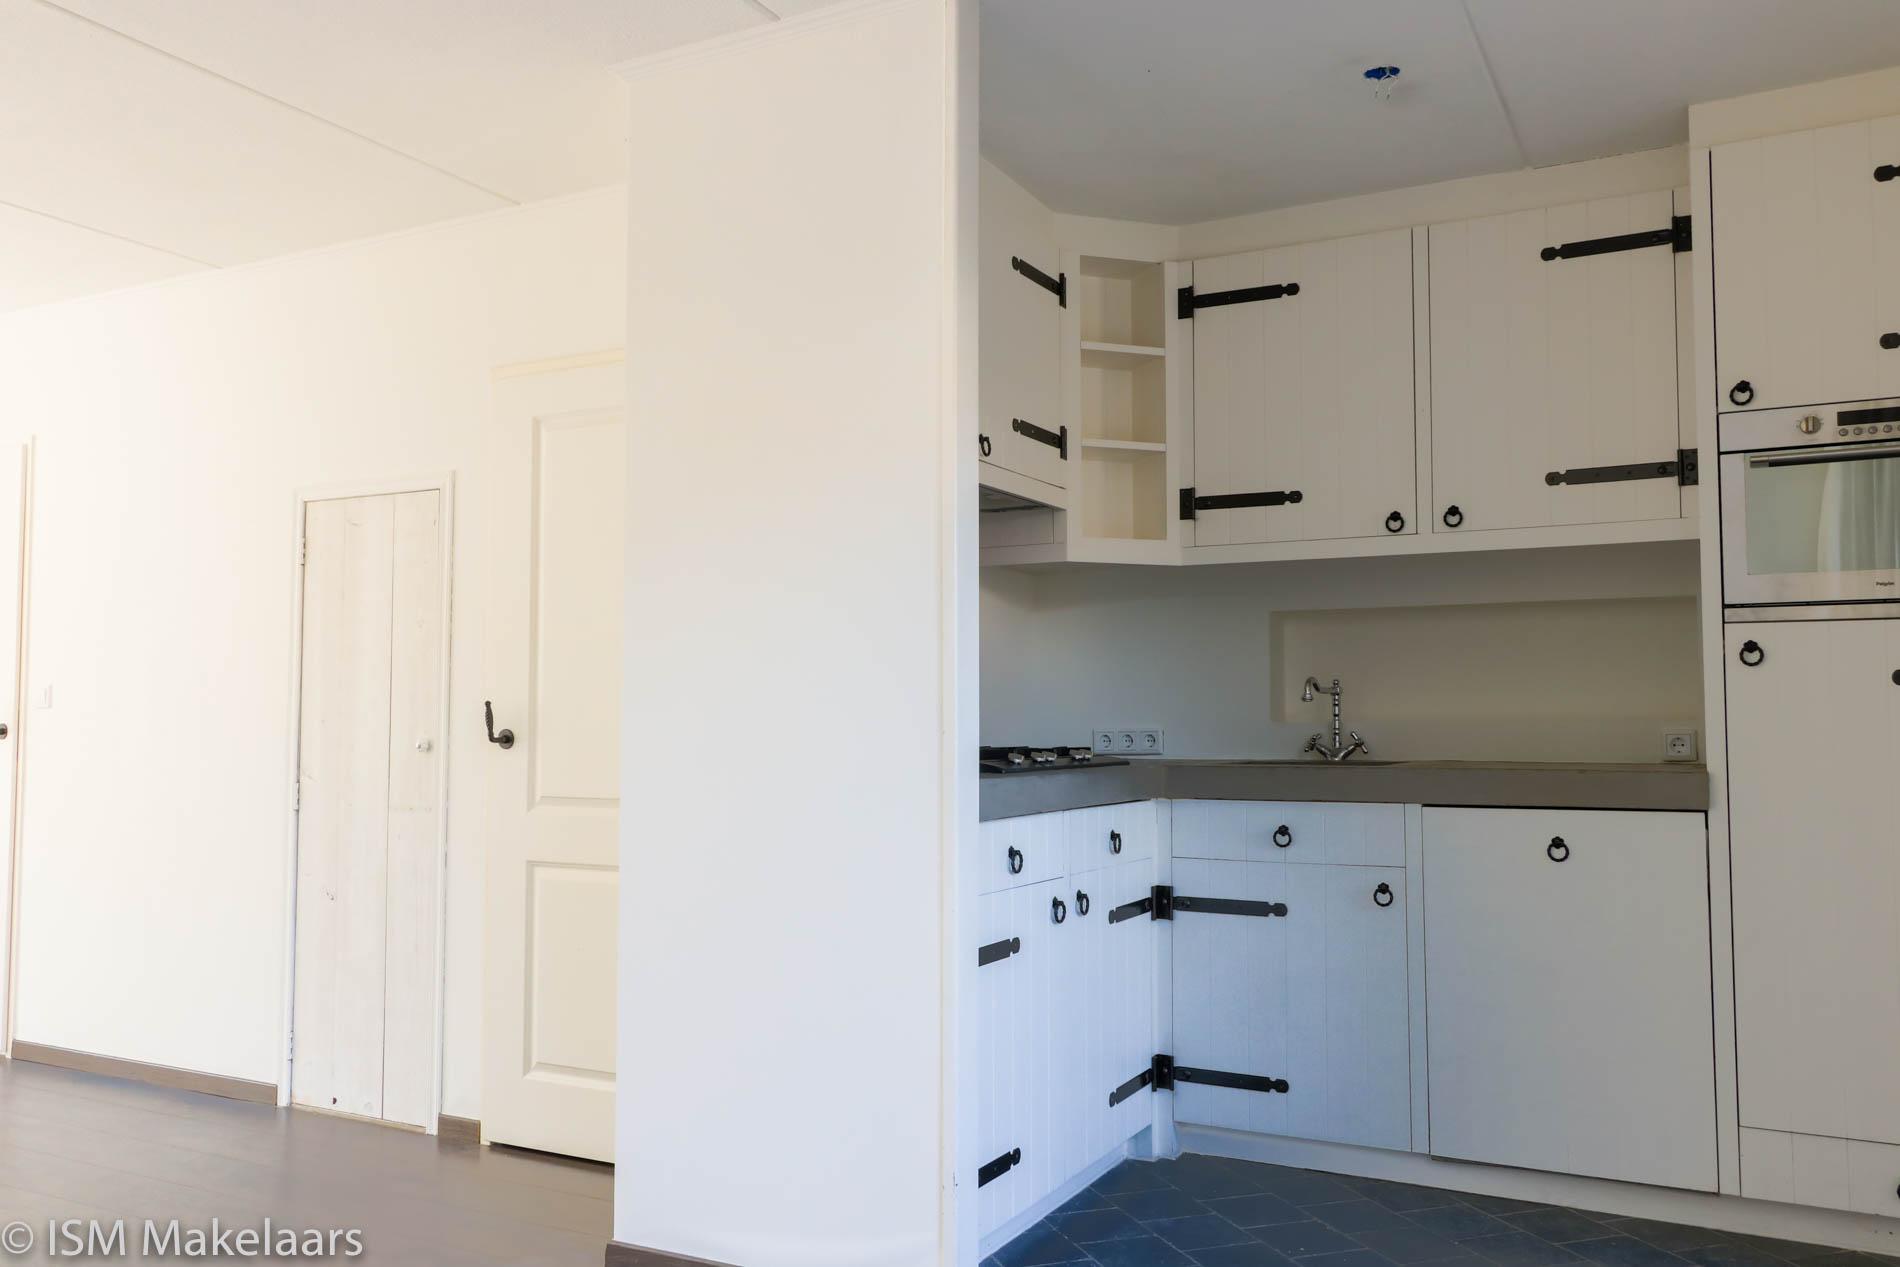 keuken pr. christinastraat 18 nieuwdorp ISM Makelaars